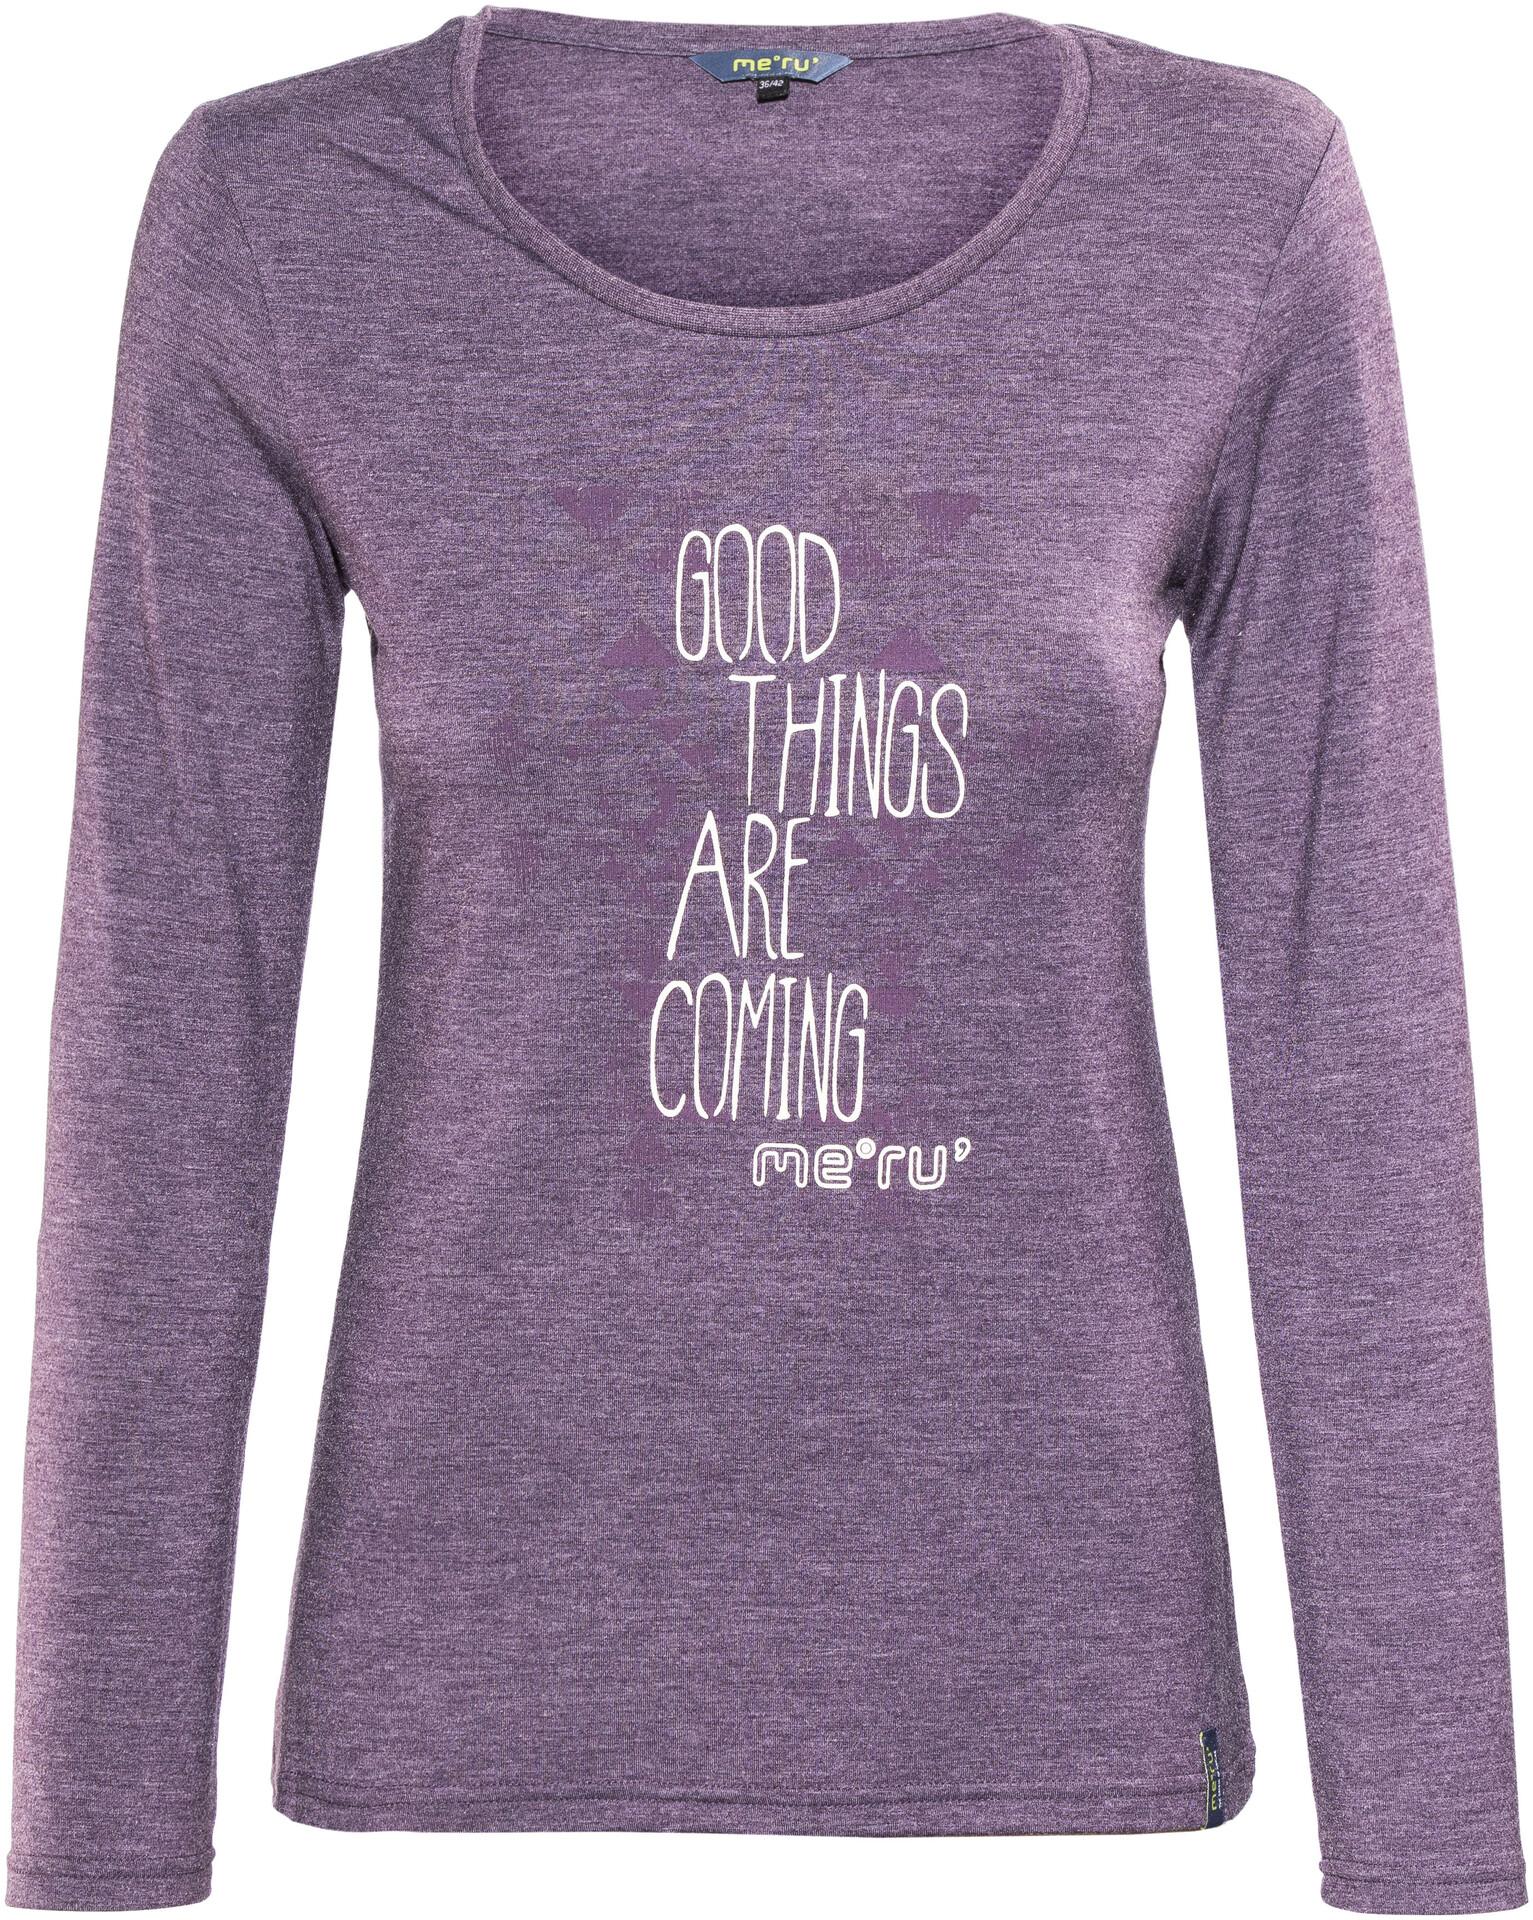 569932d569c5 T violet shirt Femme manches Lidingö Meru sur longues f4Pwn